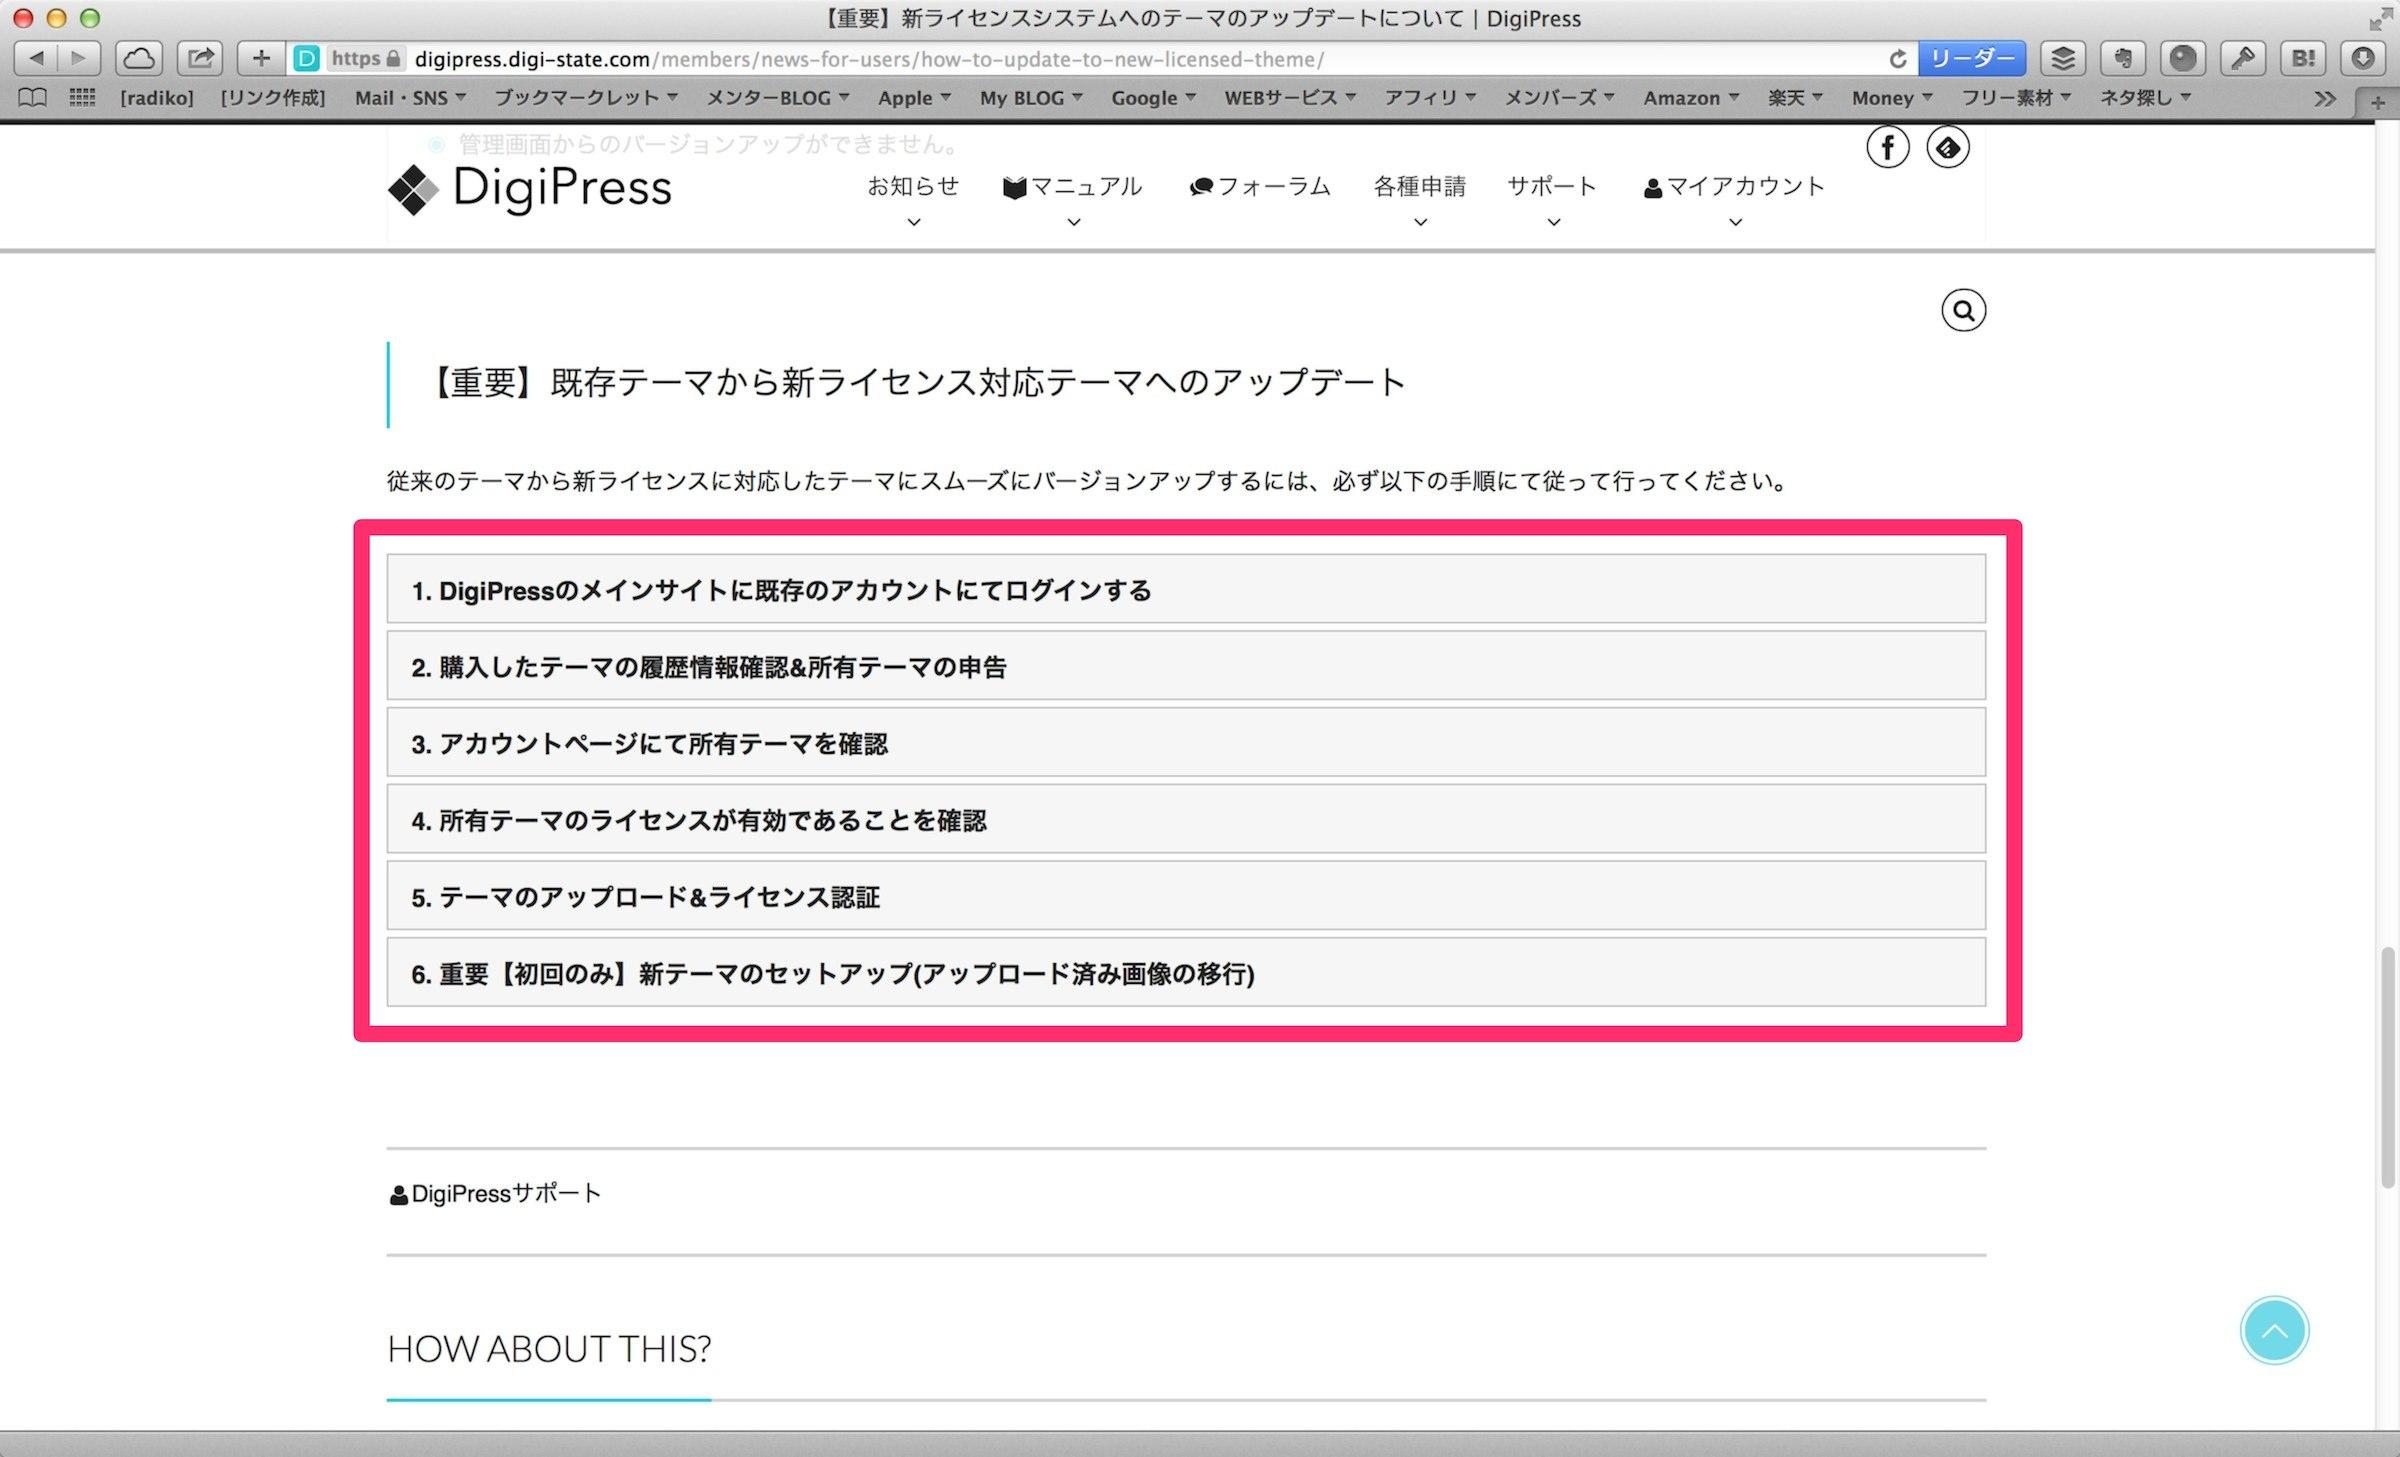 【重要】新ライセンスシステムへのテーマのアップデートについて | DigiPress-0-1